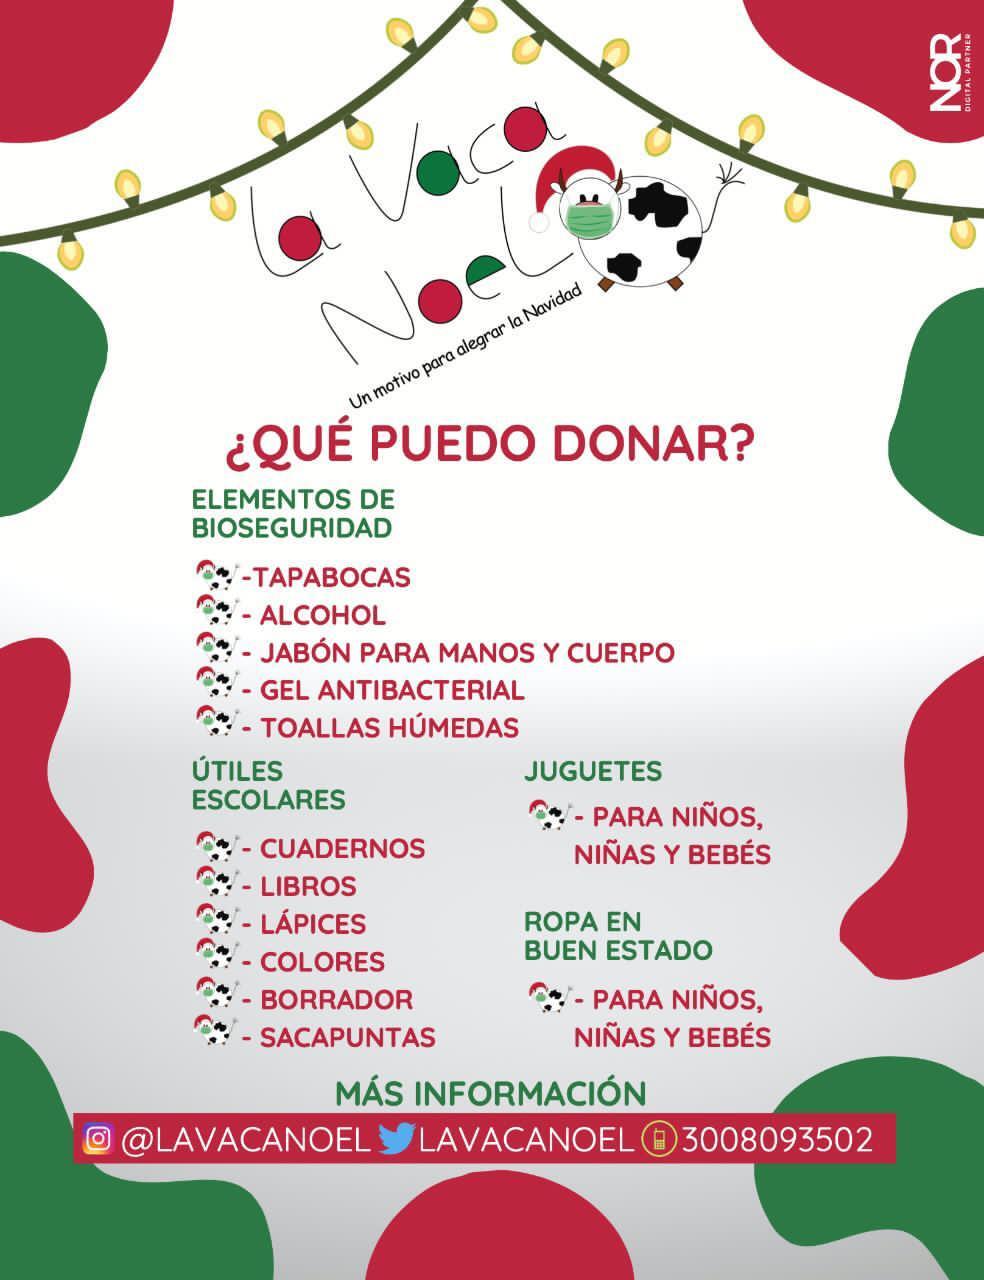 https://www.notasrosas.com/'La Vaca Noel': catorce años recolectando alegría para niños y niñas en Navidad